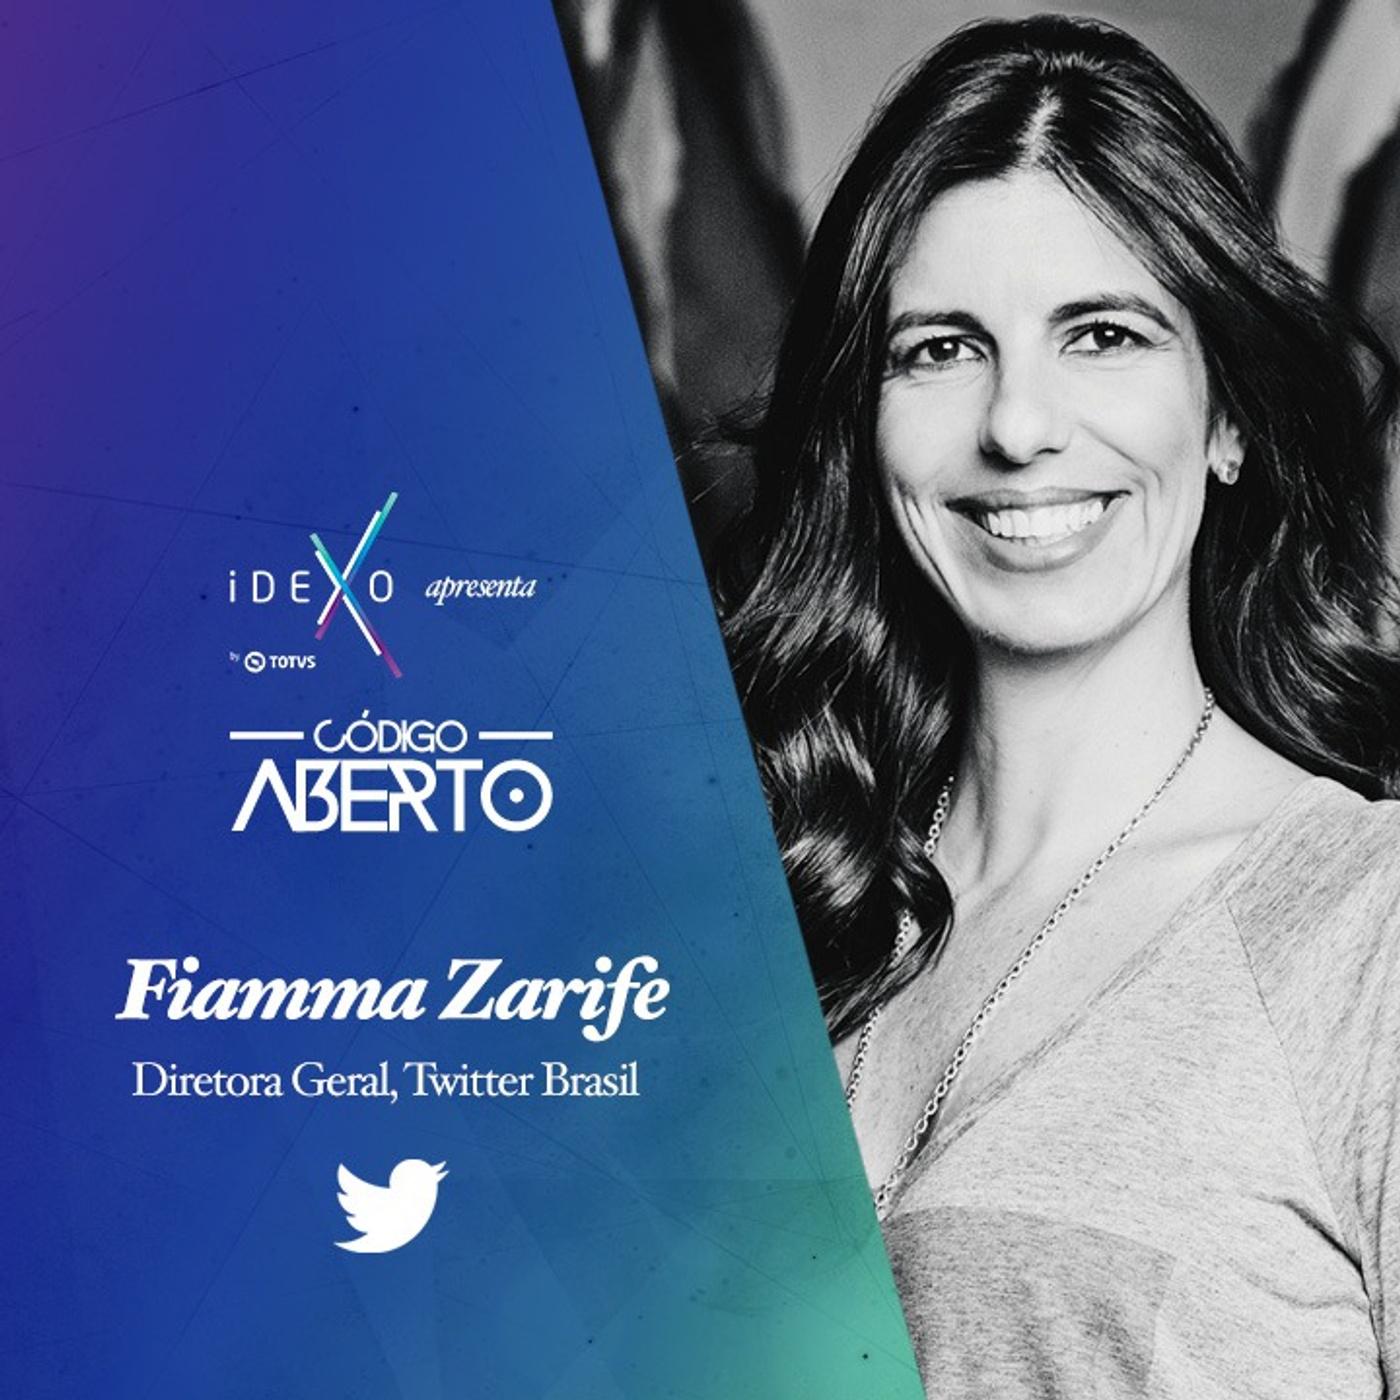 Fiamma Zarife, Diretora Geral, Twitter